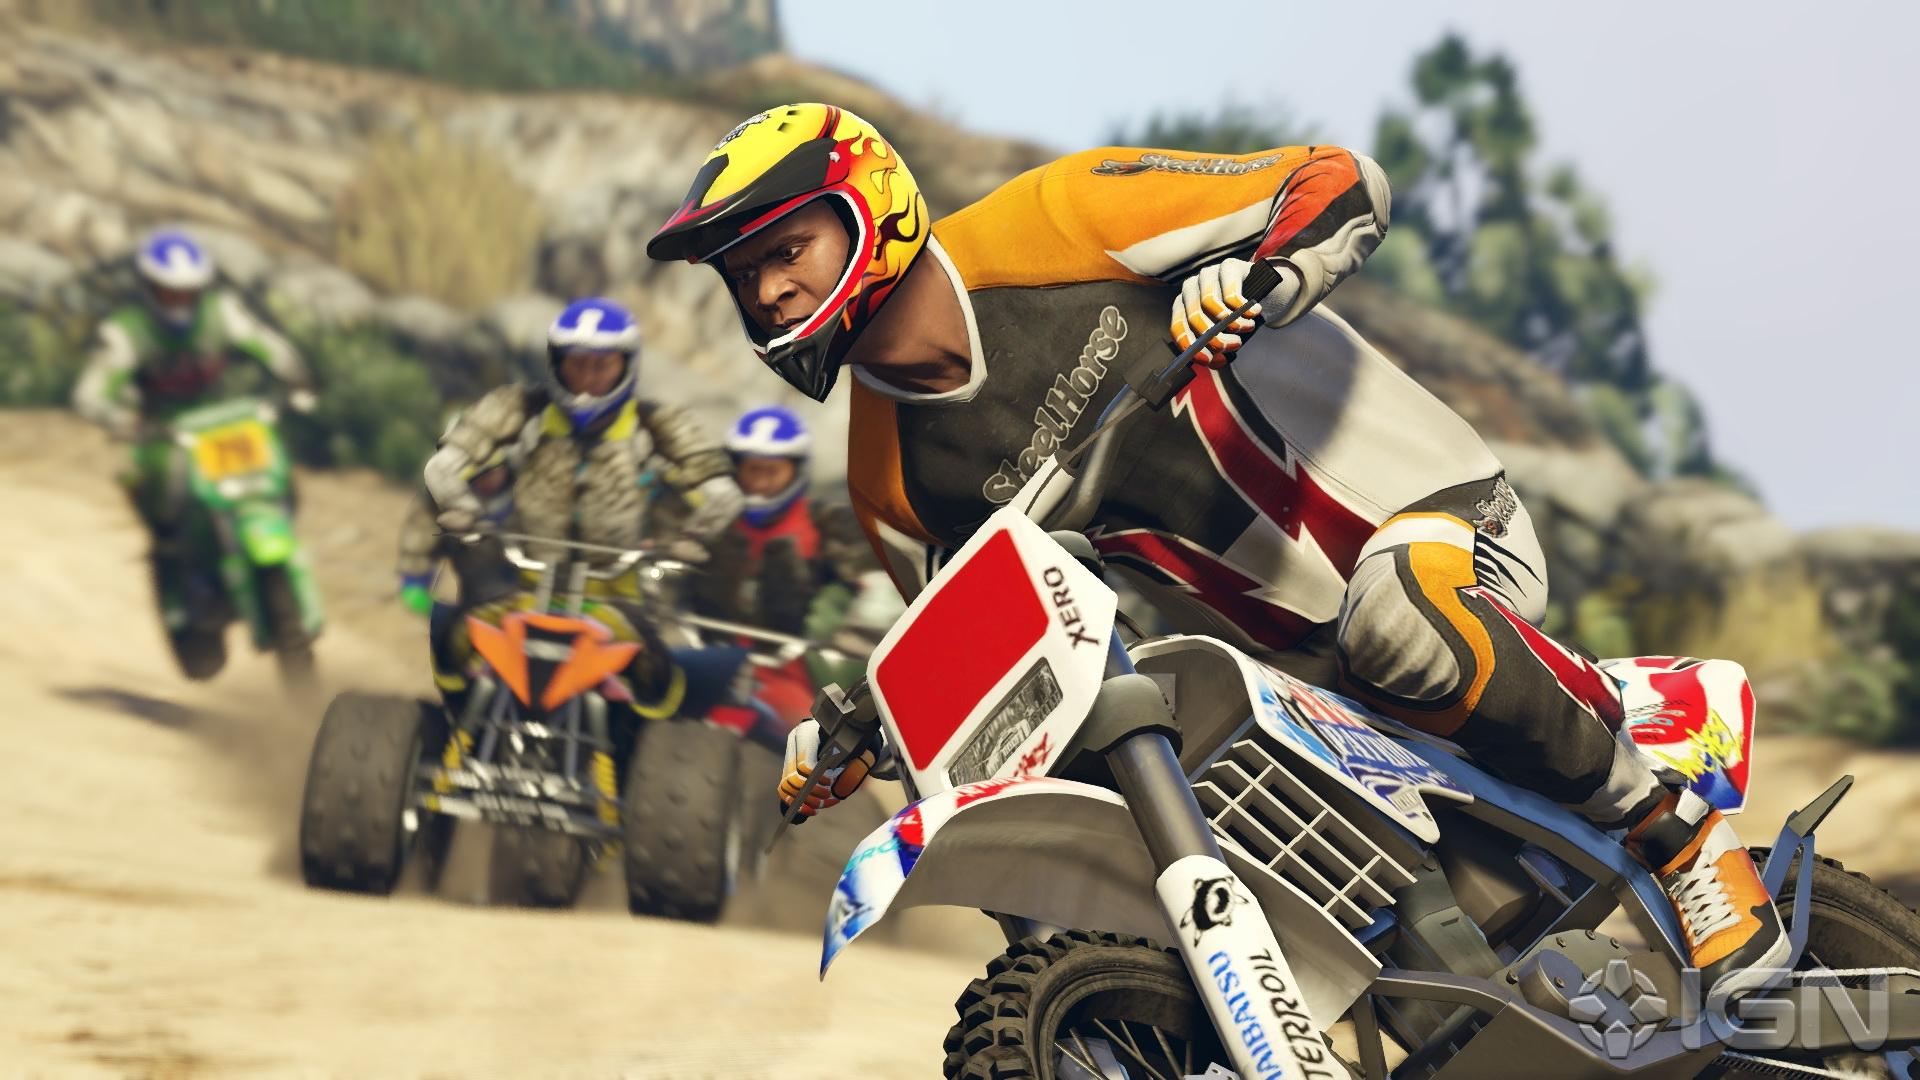 Dalších 25 nových obrázků z Grand Theft Auto V 102018